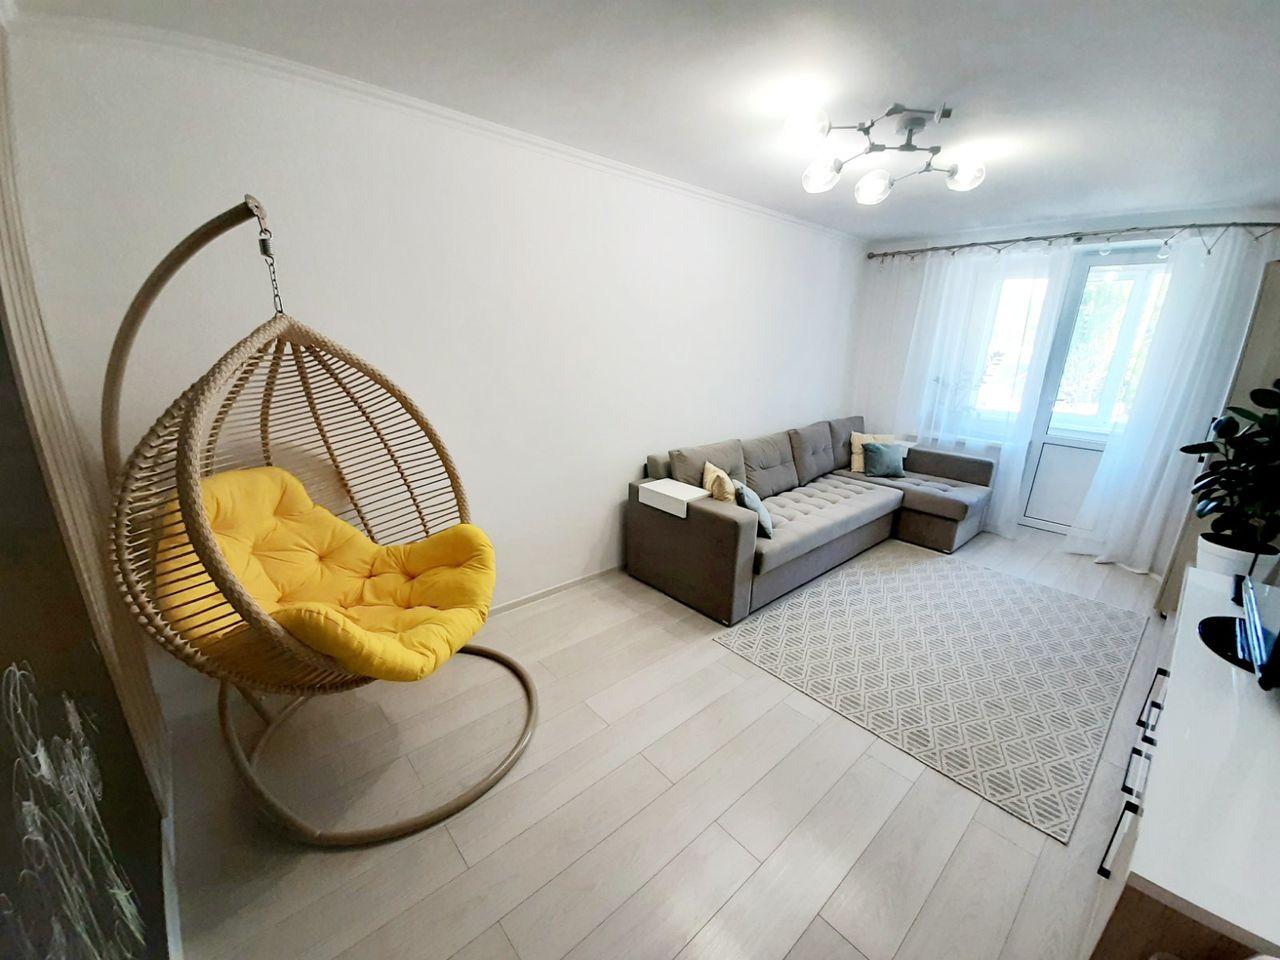 Apartament cu 2 odai, Riscani, str. Matei Basarab